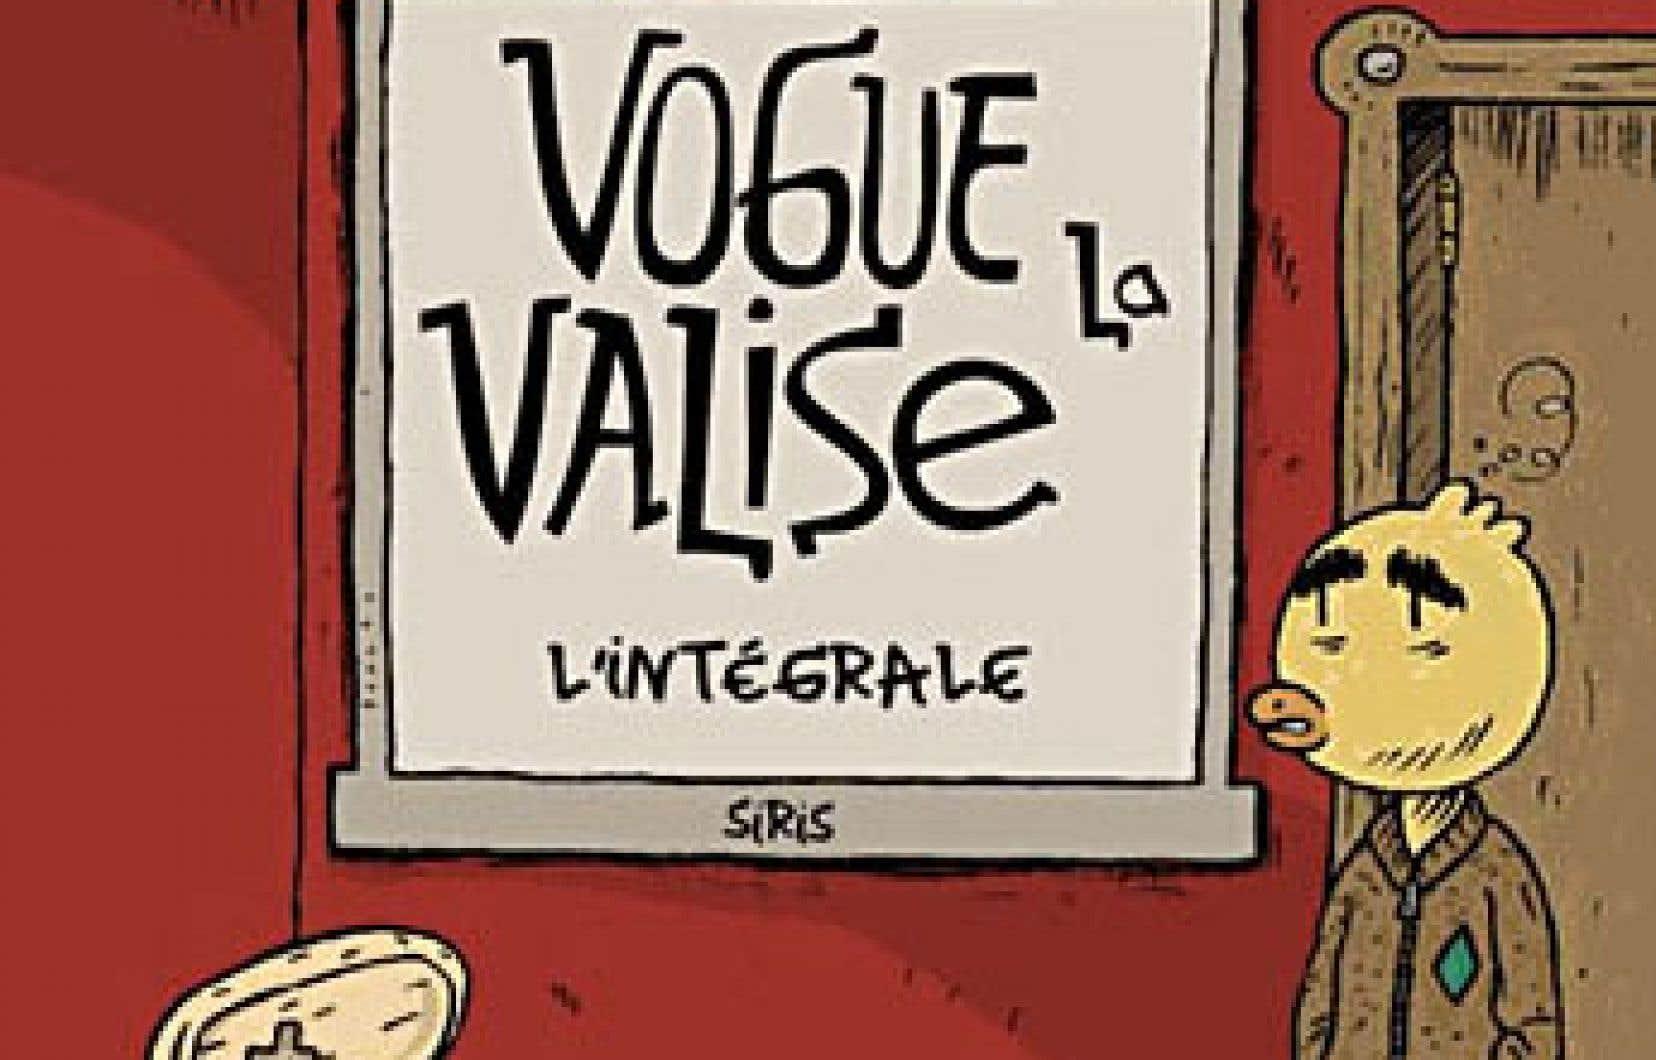 Le bédéiste Siris a publié l'automne dernier l'intégrale de «Vogue la valise», une autofiction qu'il a pris du temps à mener à terme.